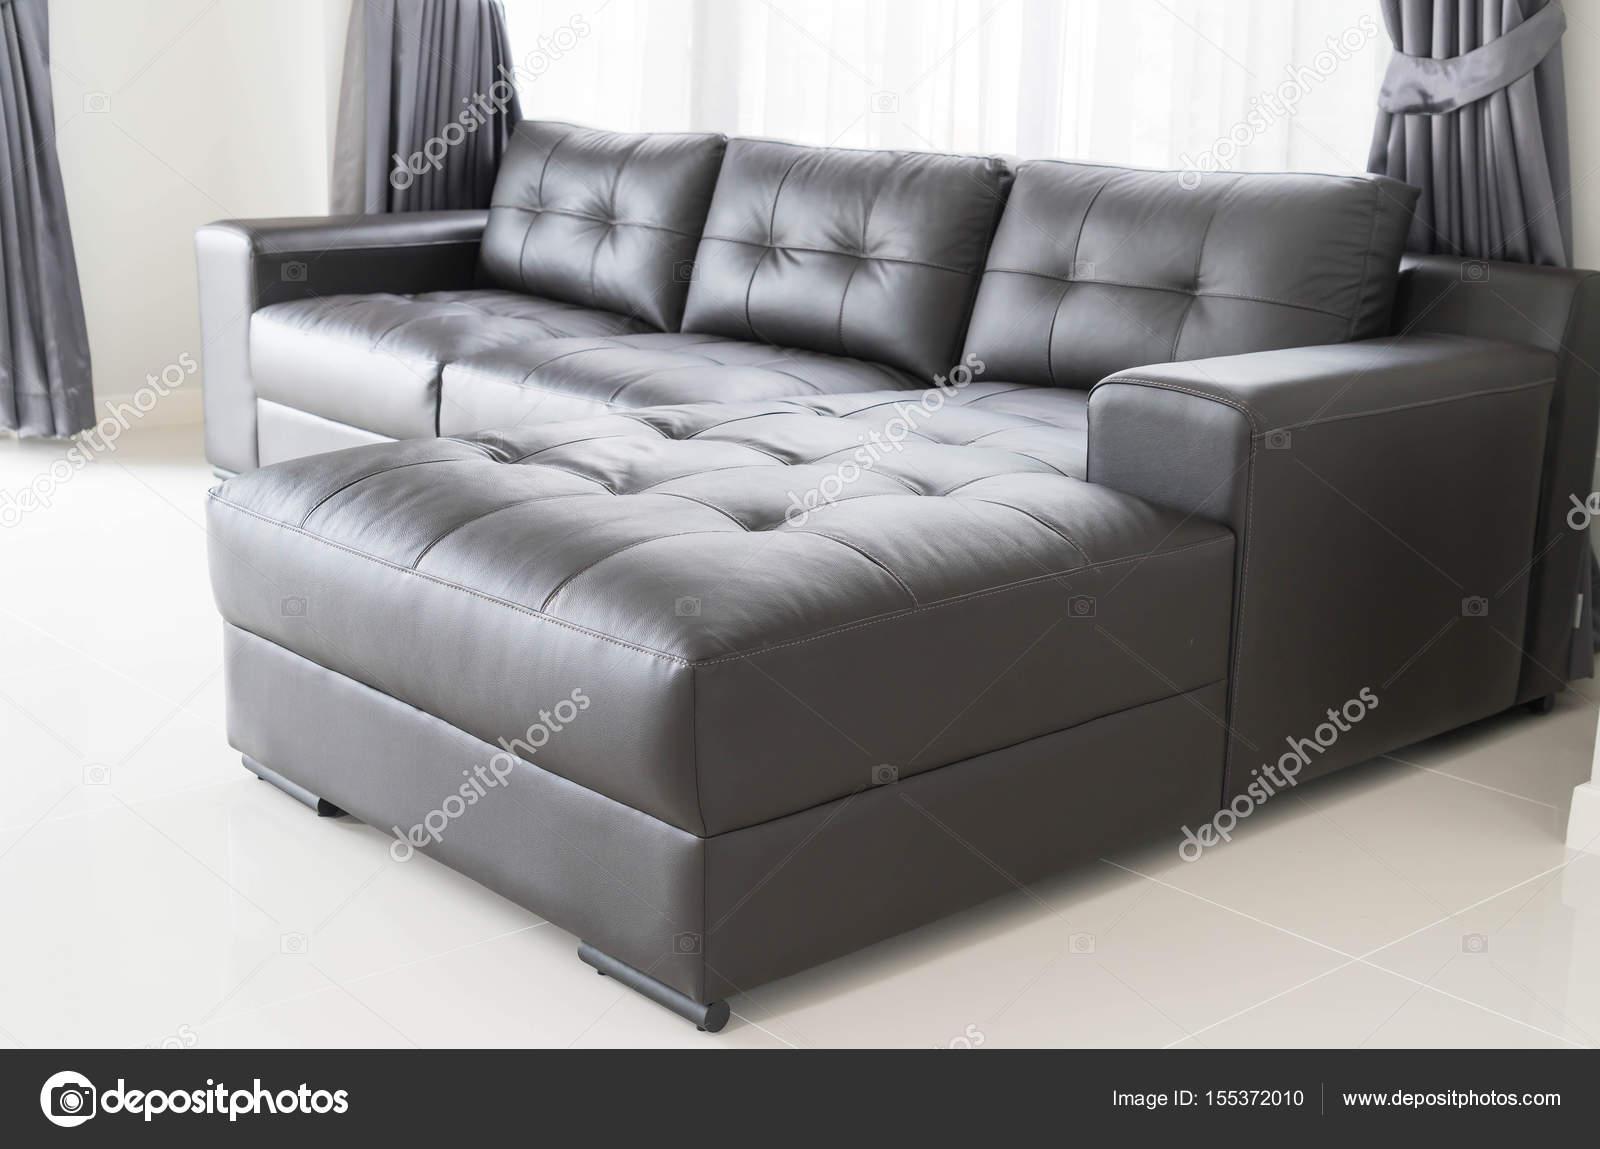 Canapé moderne dans le salon — Photographie topntp © #155372010